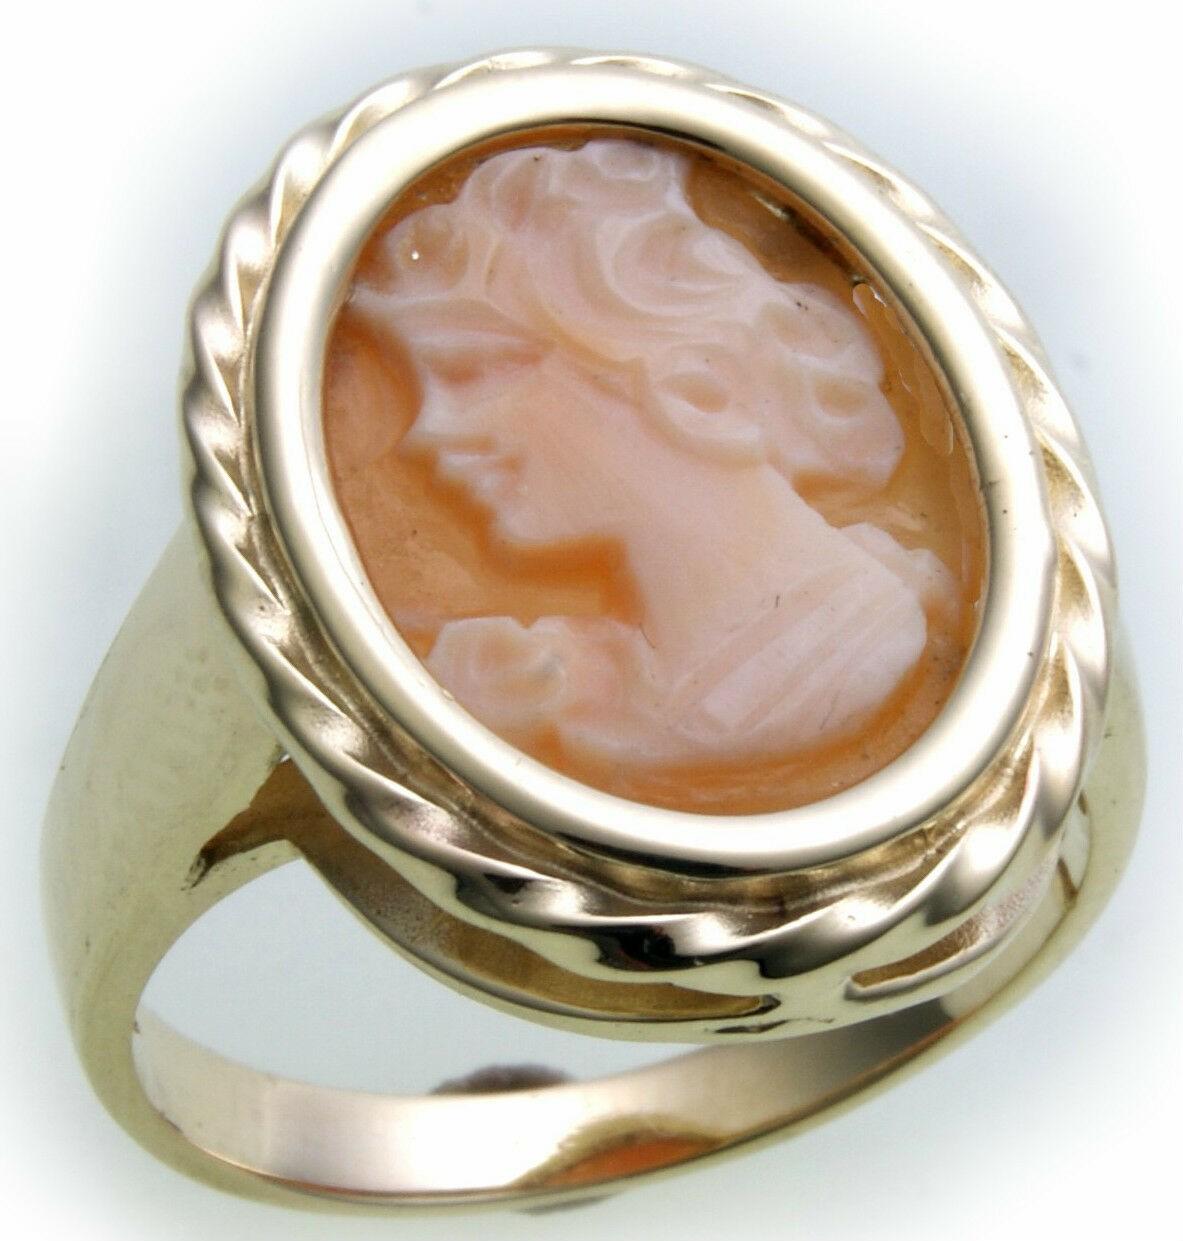 Damen Ring m. Muschelgemme in Gold 585 Gemmenring Gelbgold Muschelkamee Qualität